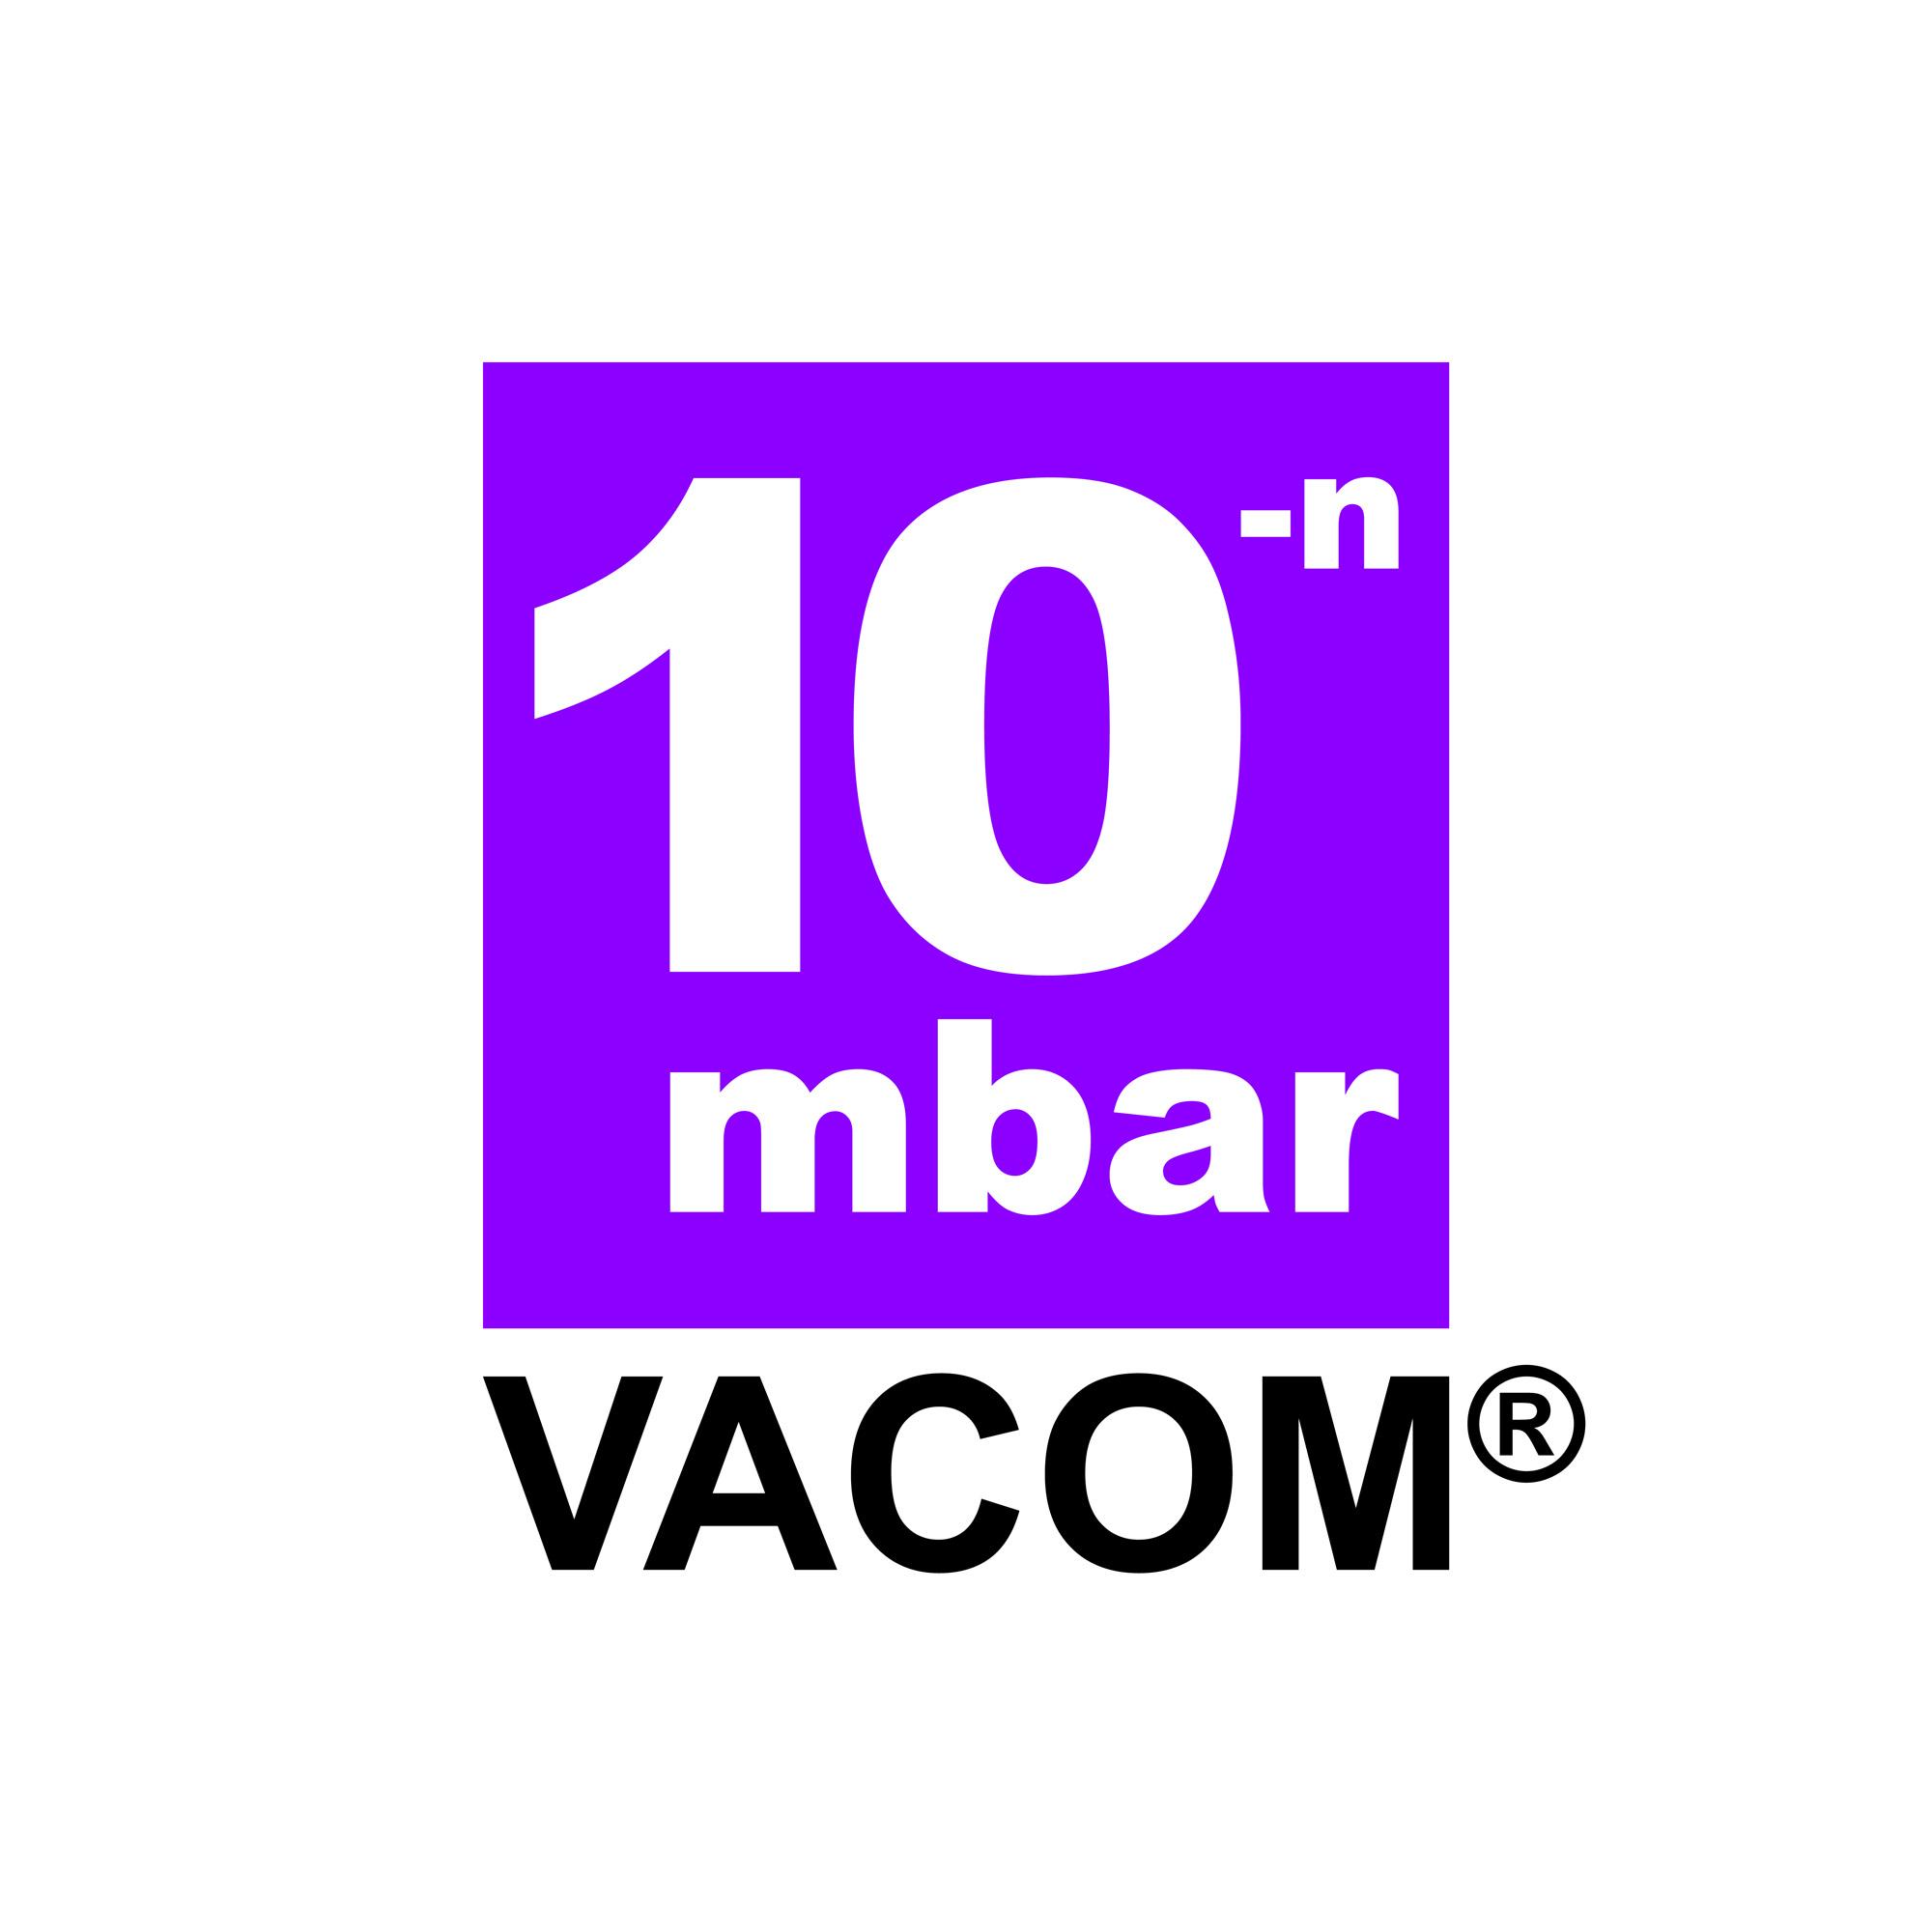 VACOM logo